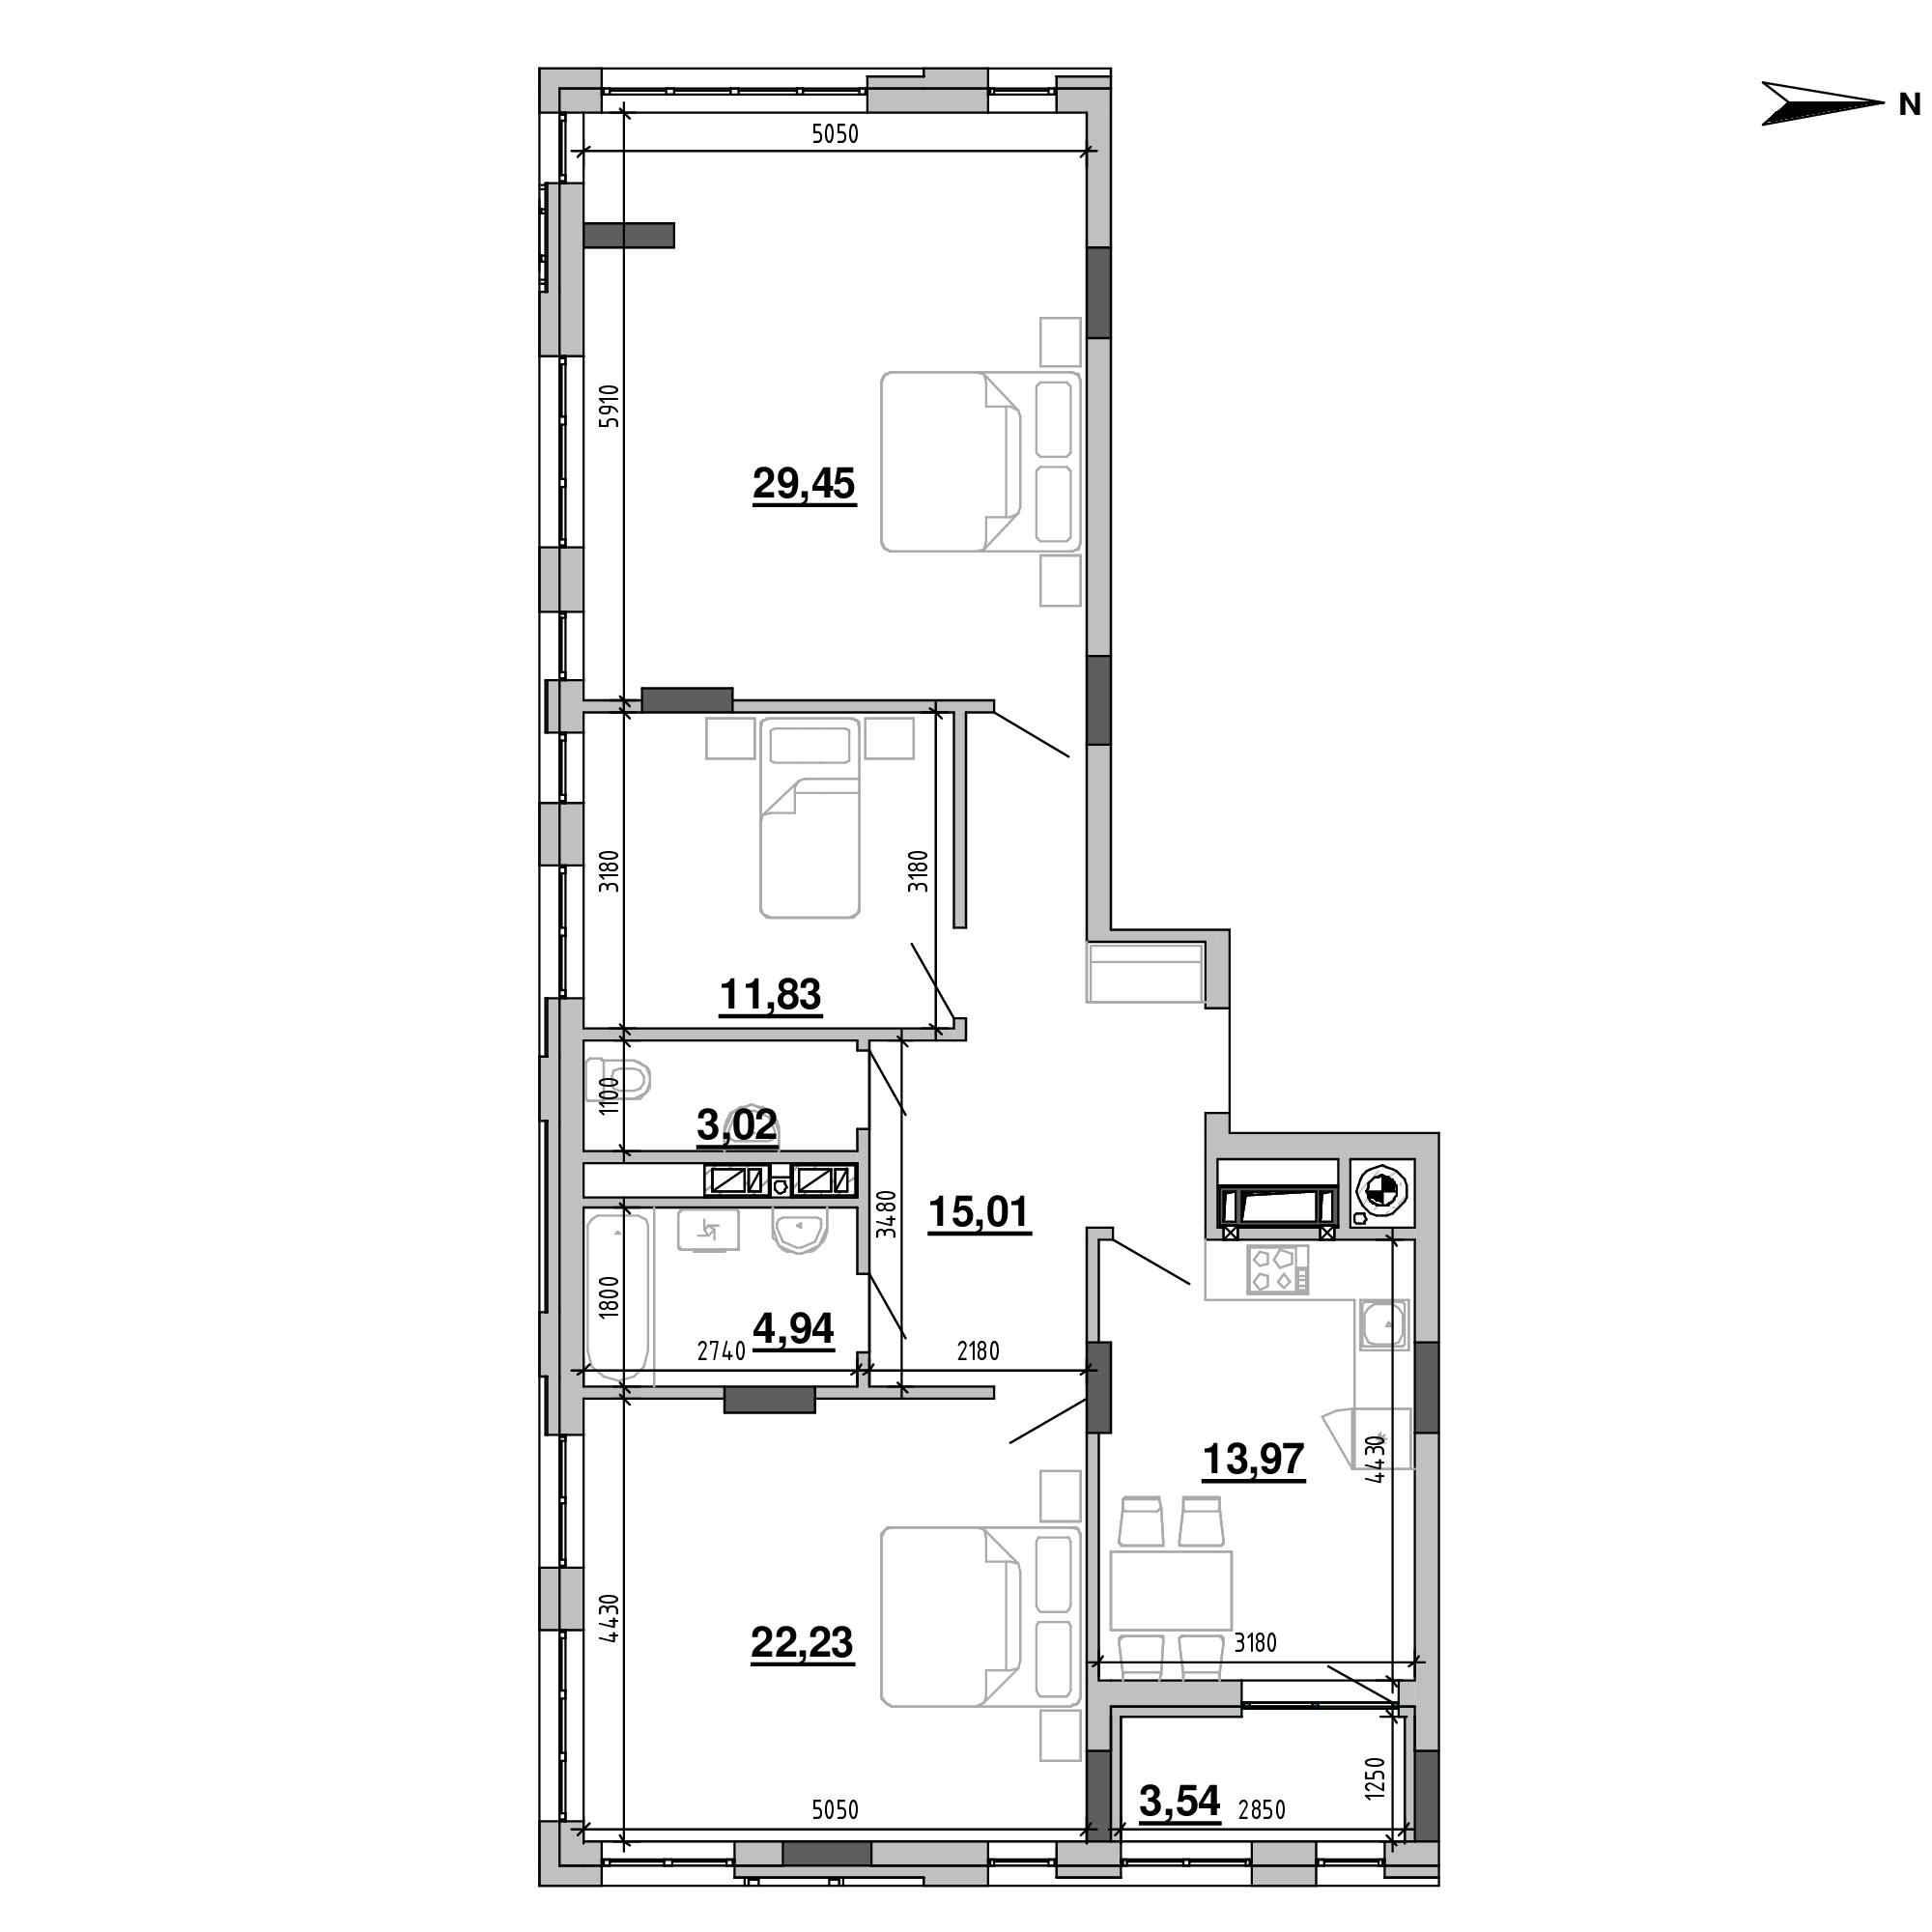 ЖК Підзамче. Вежа: планування 3-кімнатної квартири, №60, 103.99 м<sup>2</sup>